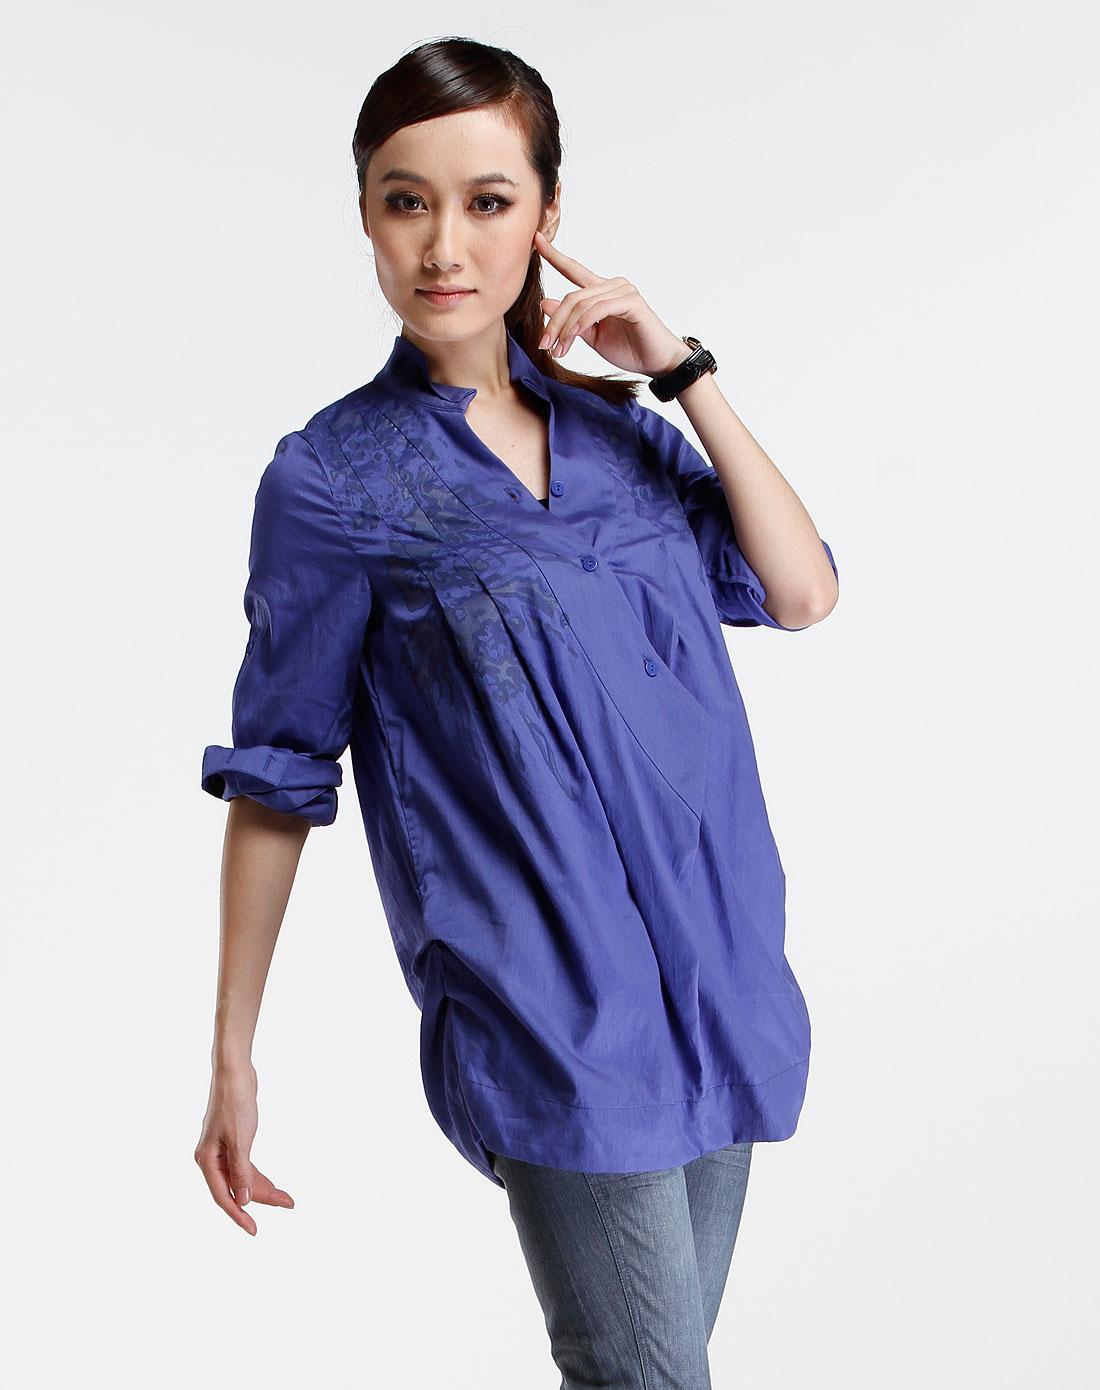 紫蓝色企领时尚长袖衬衣